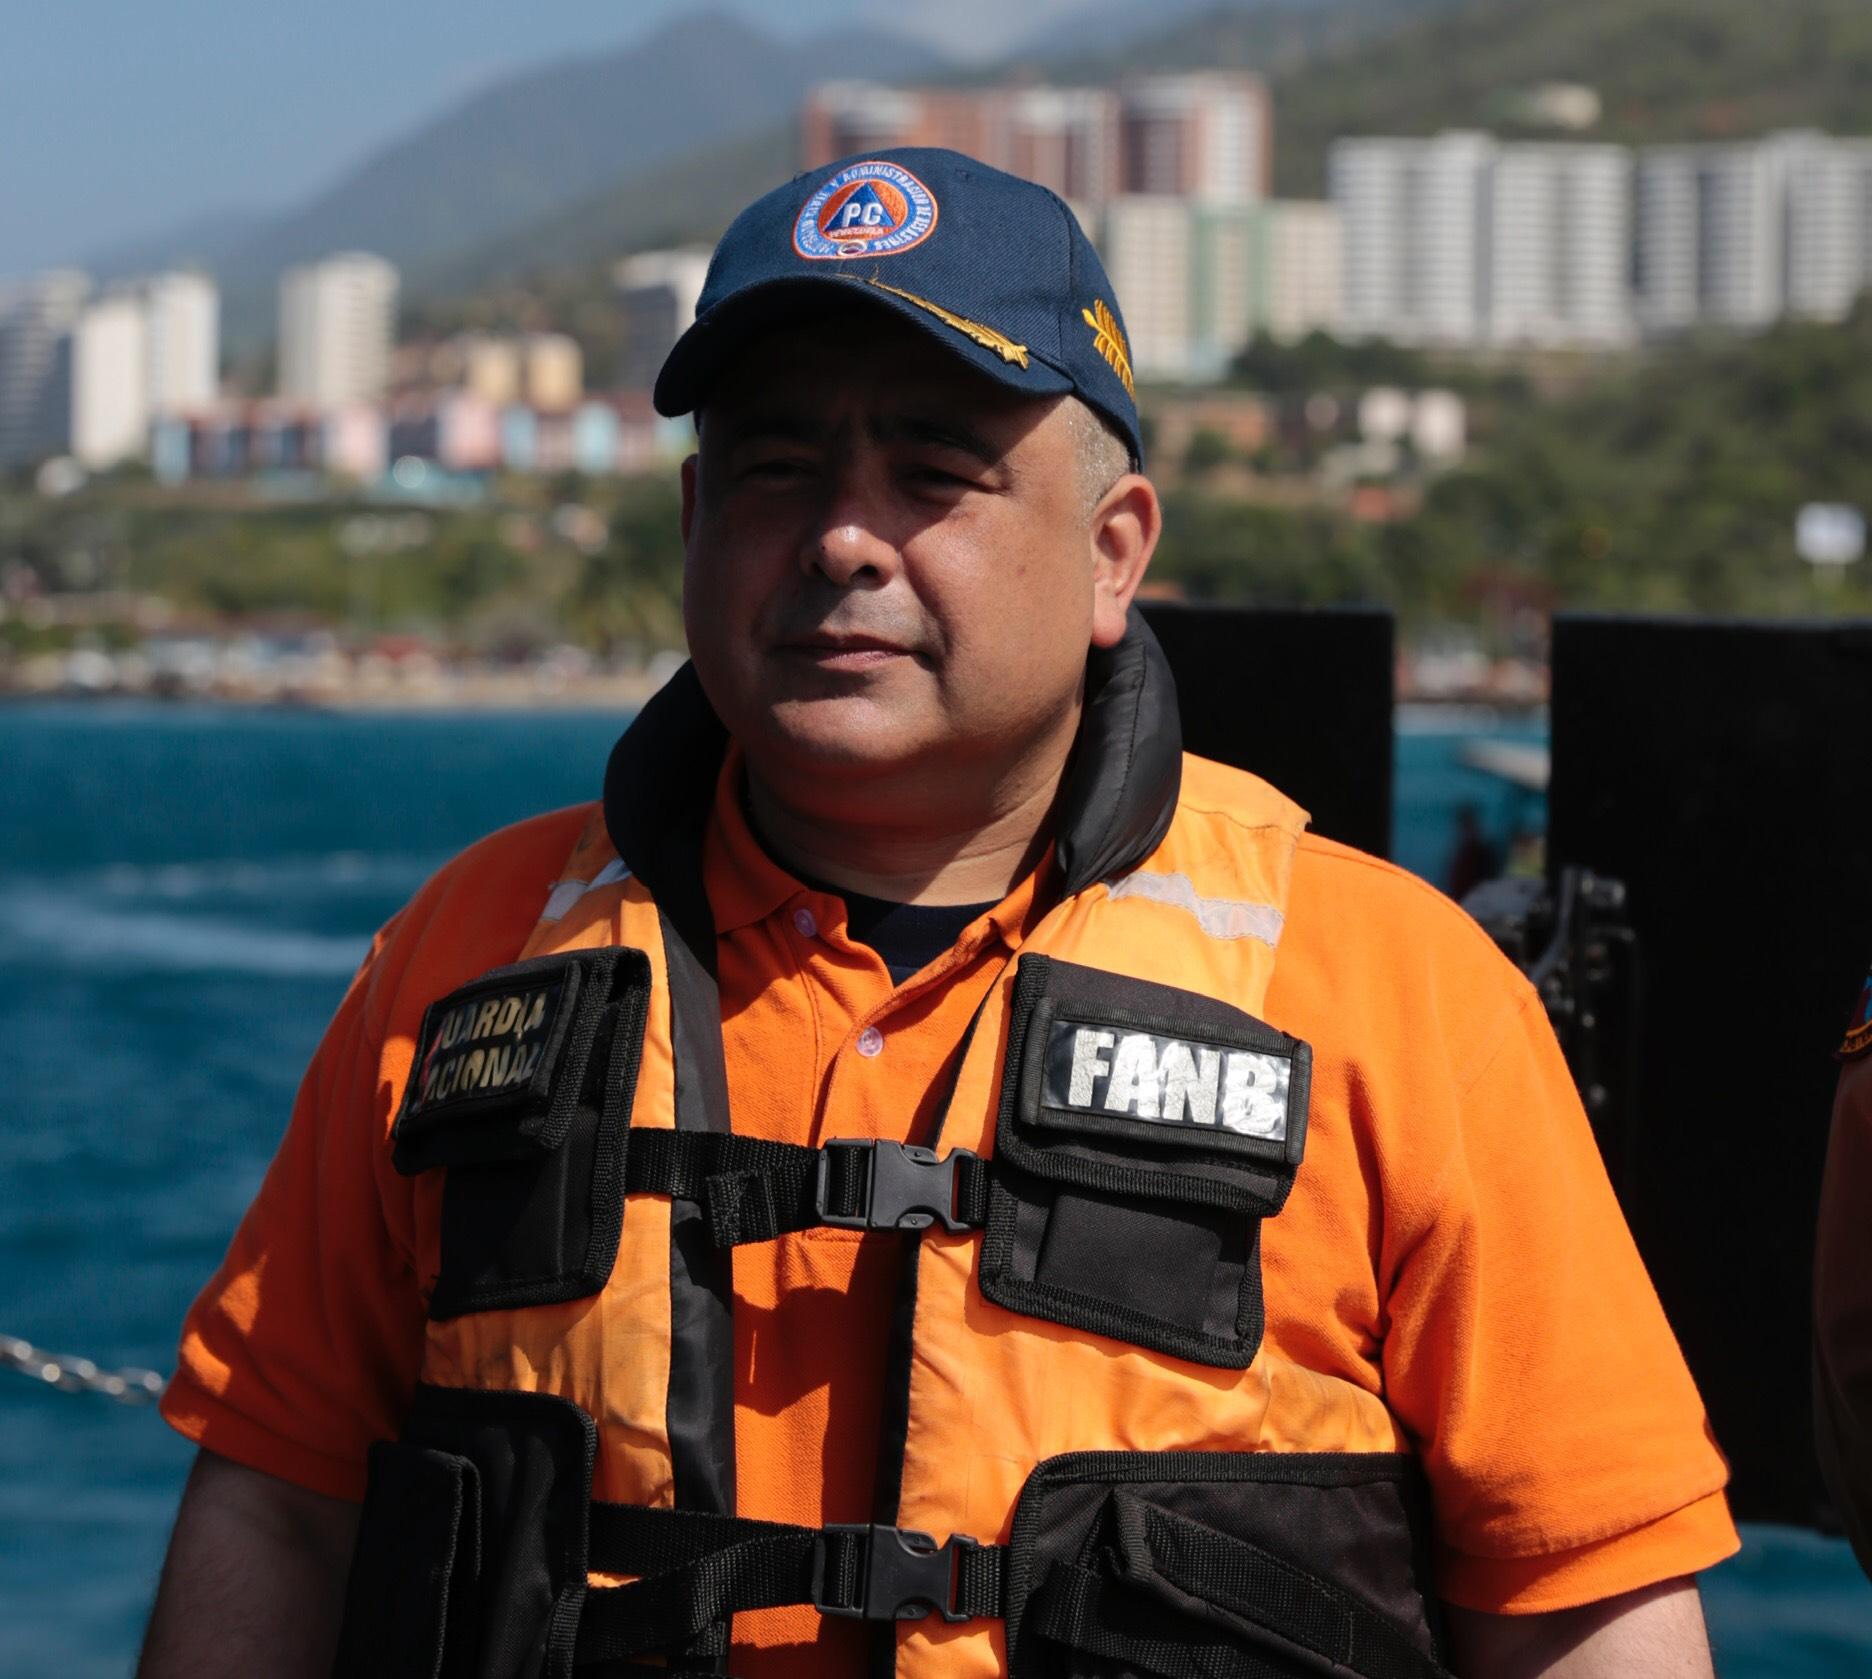 Sistema Nacional de Gestión de Riesgo supervisa despliegue de seguridad en 63 playas de Vargas (11)